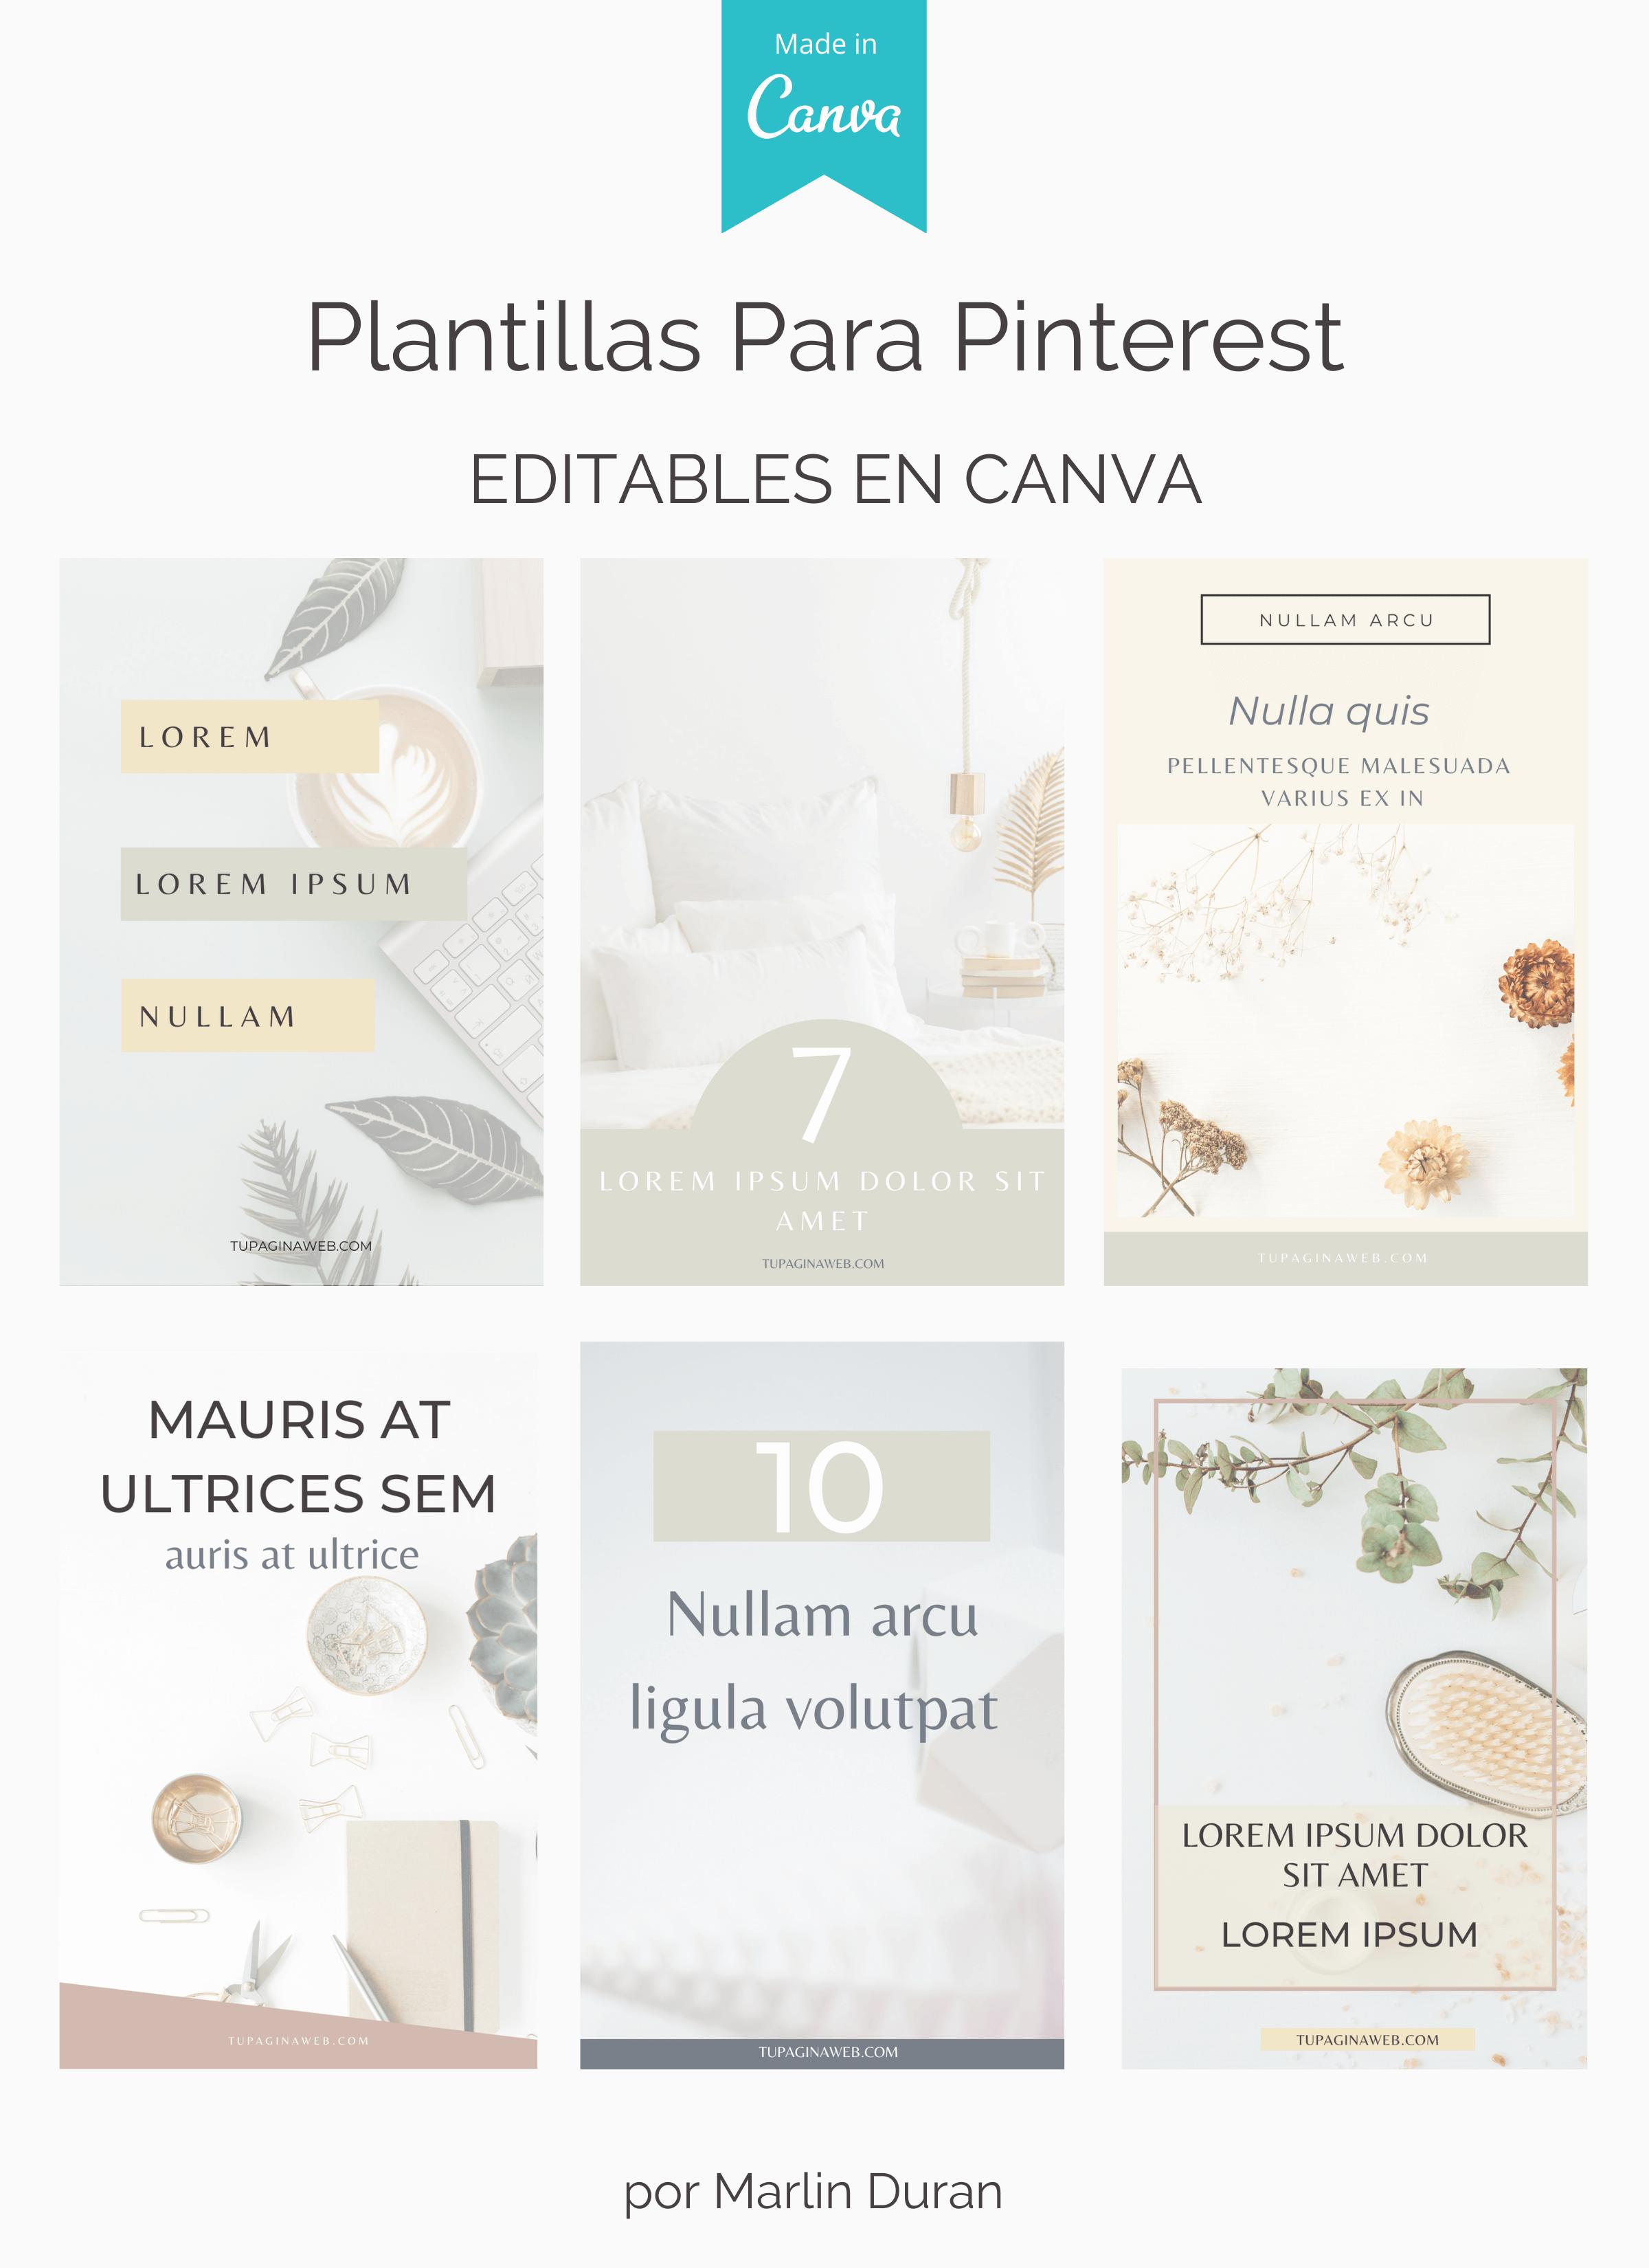 Plantillas-canva-pinterest-paz